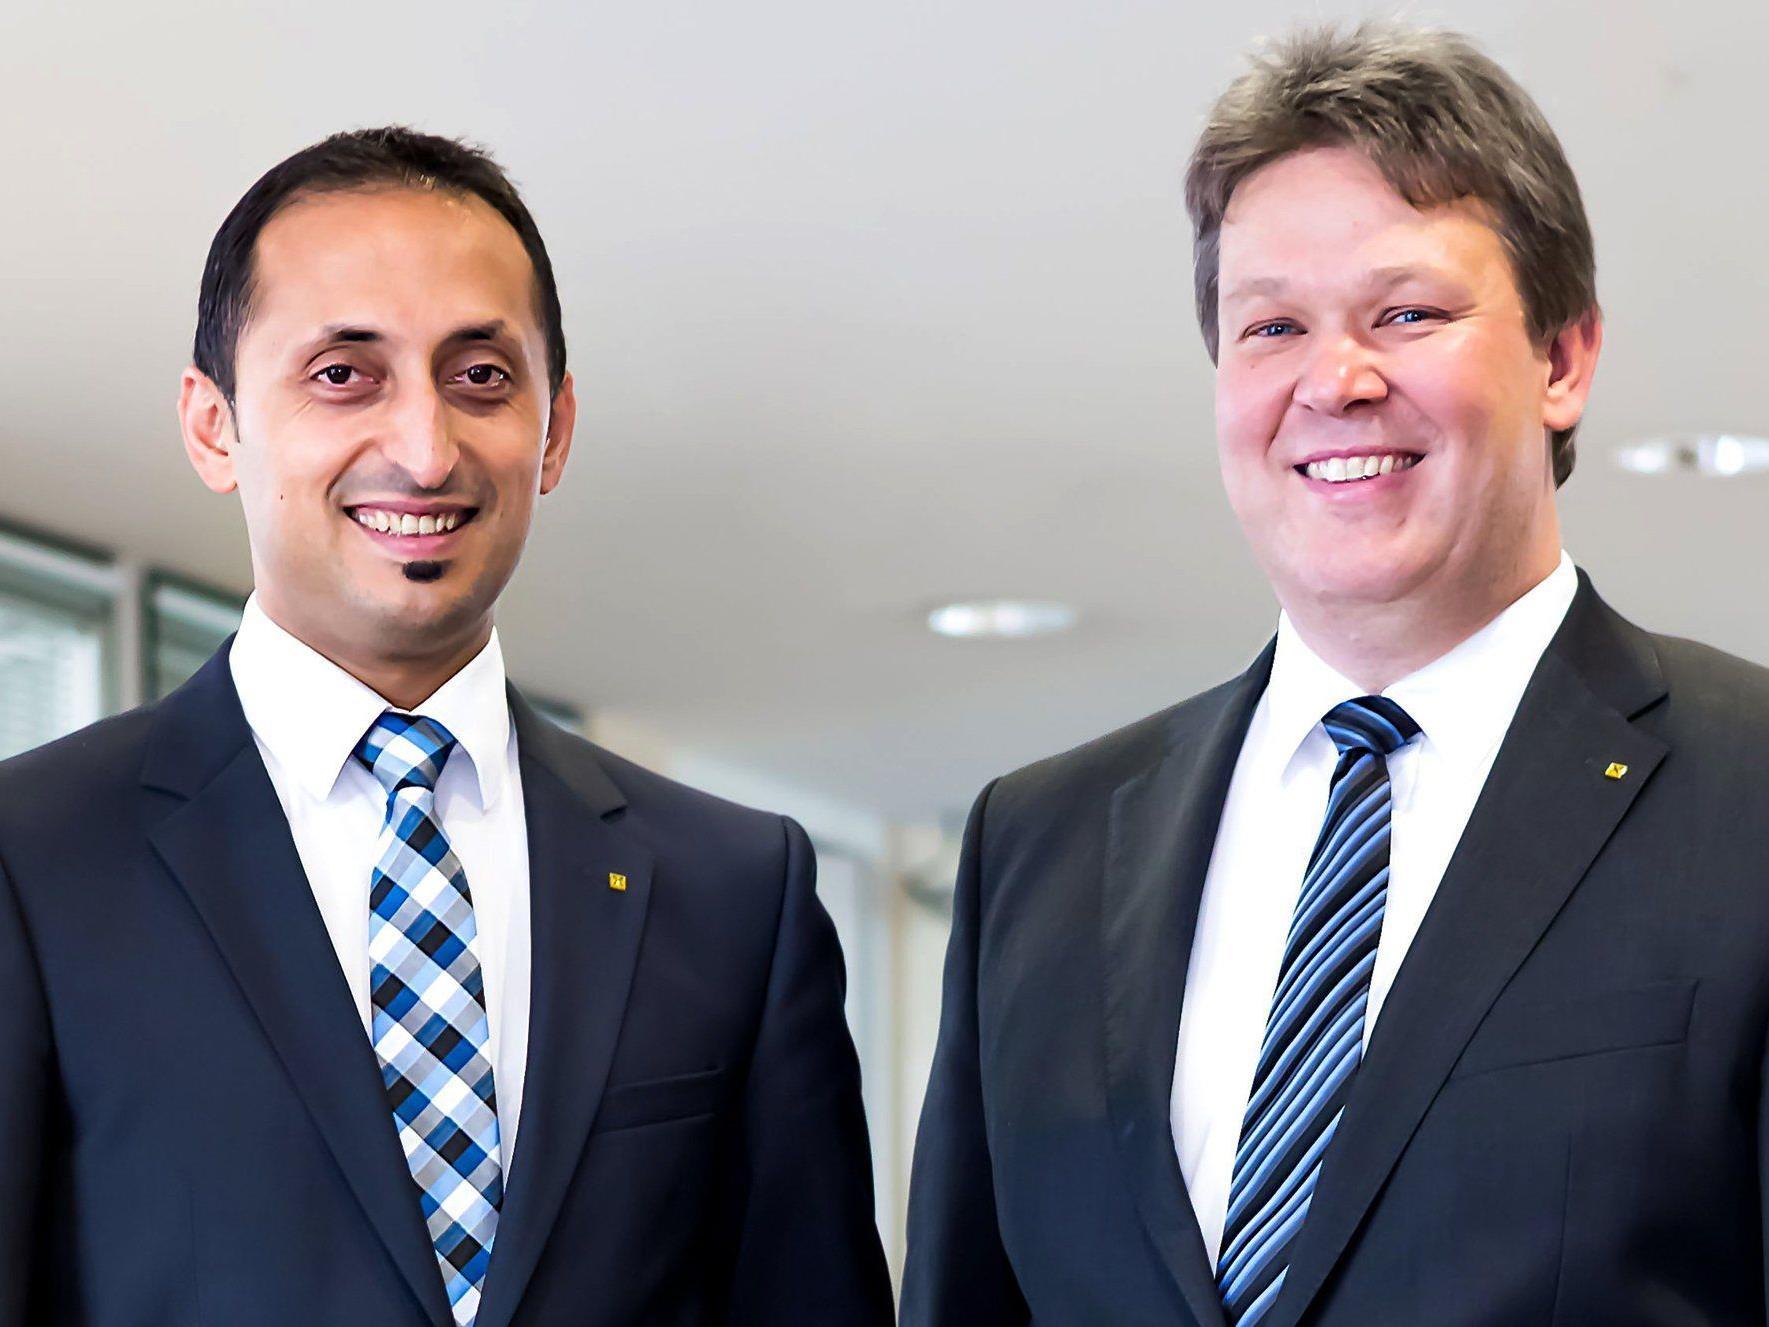 Neues Vorstandsteam der Raiffeisenbank Vorderland: Aydin Aktas und Günther Hirschfeld